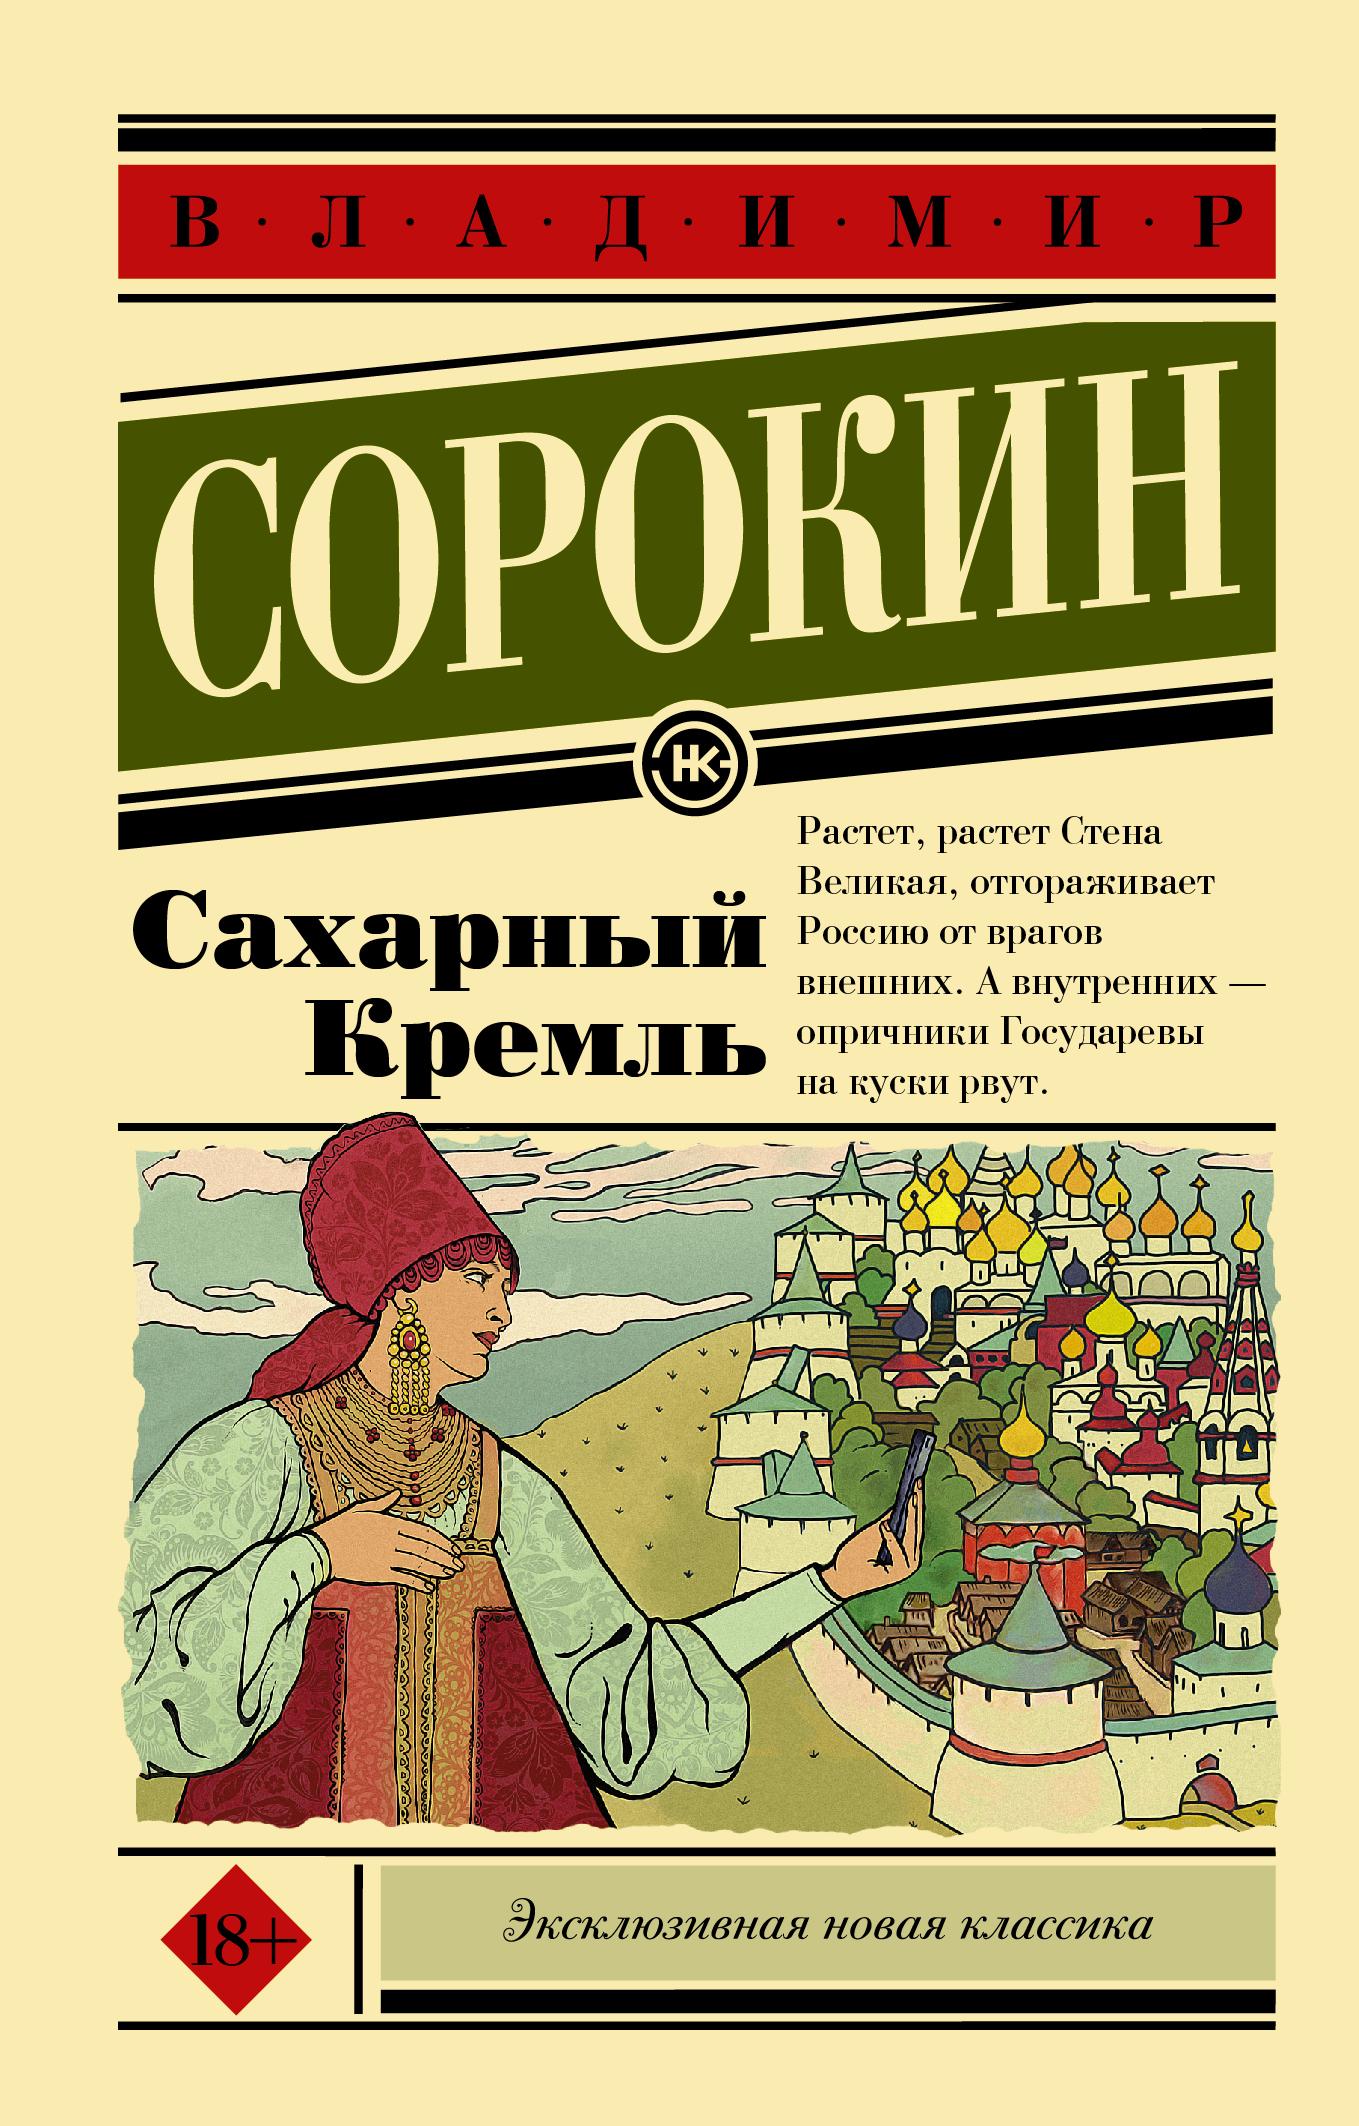 В Сорокин Сахарный Кремль выставной в кремль 2222 ярославское шоссе